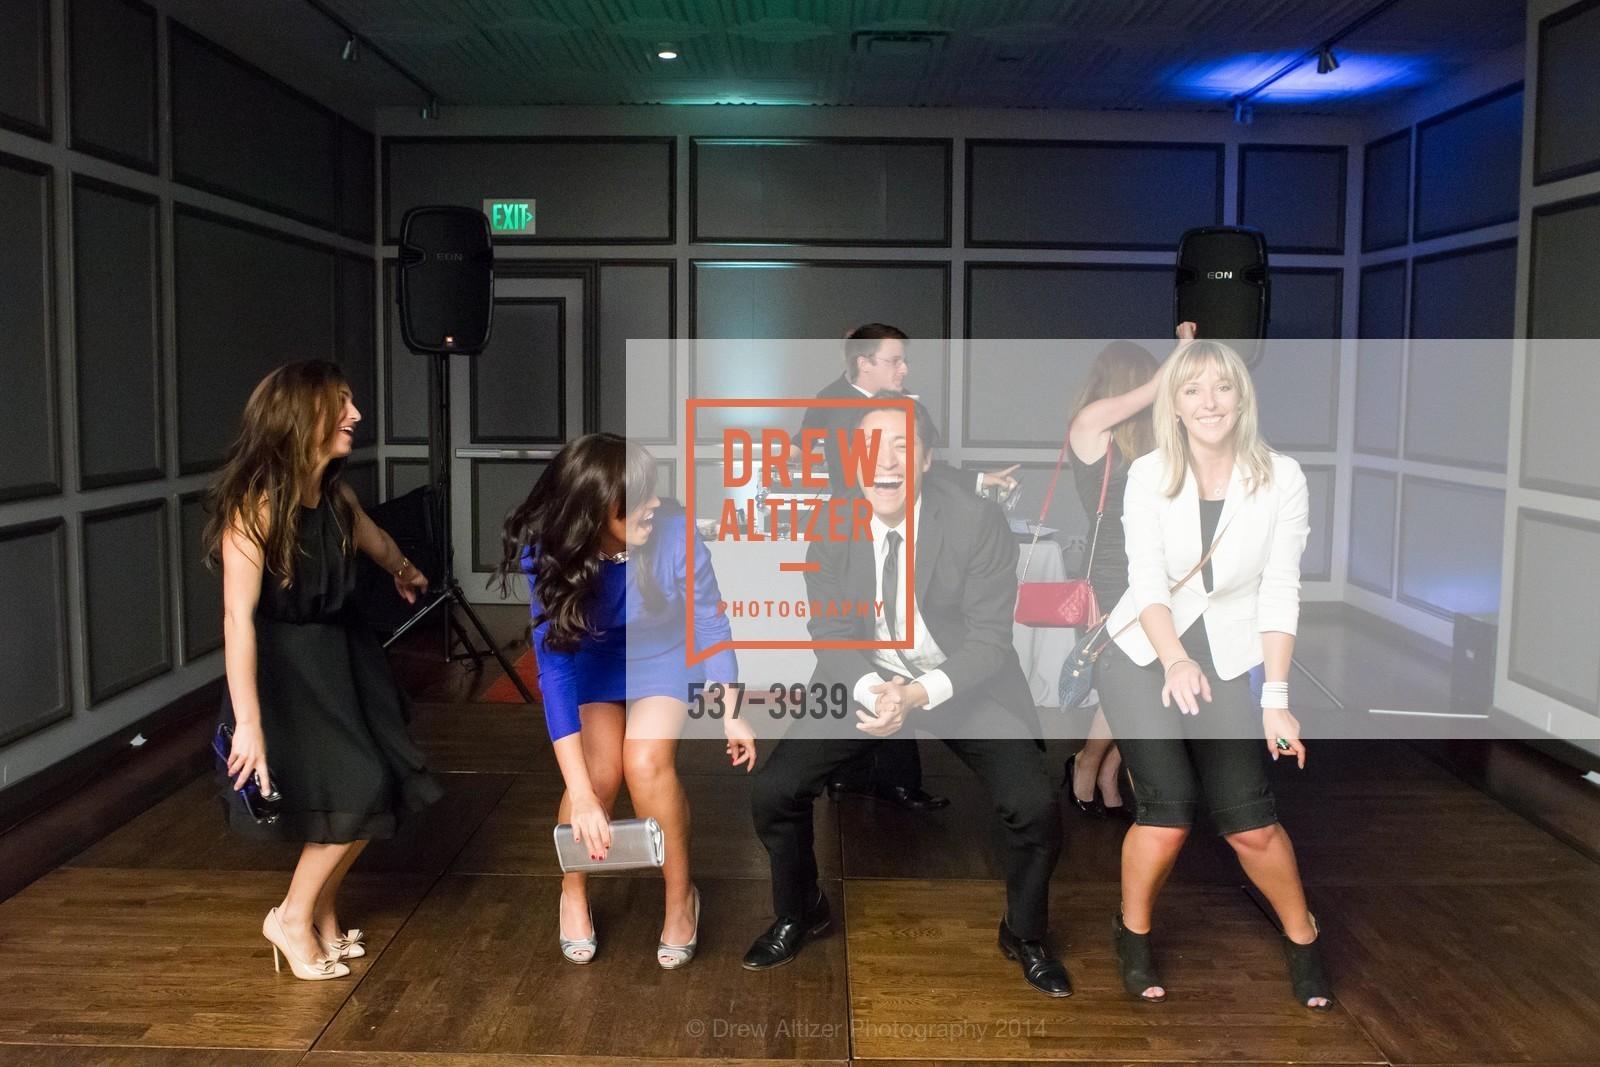 Dance Floor, Photo #537-3939